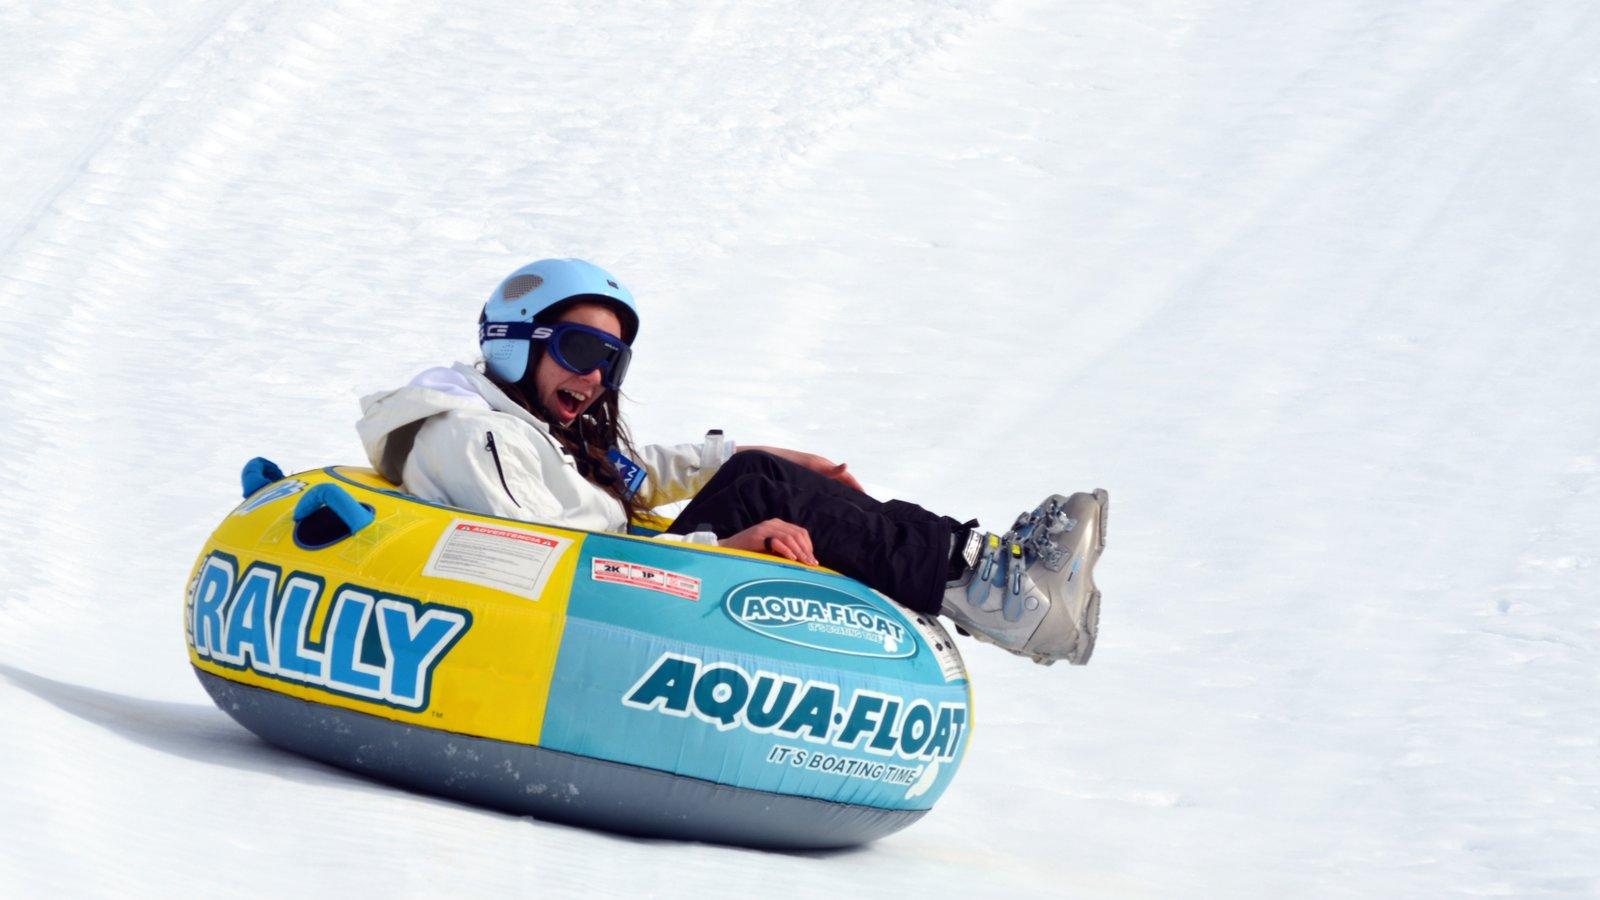 Bariloche mostrando snowtubing e neve assim como uma mulher sozinha